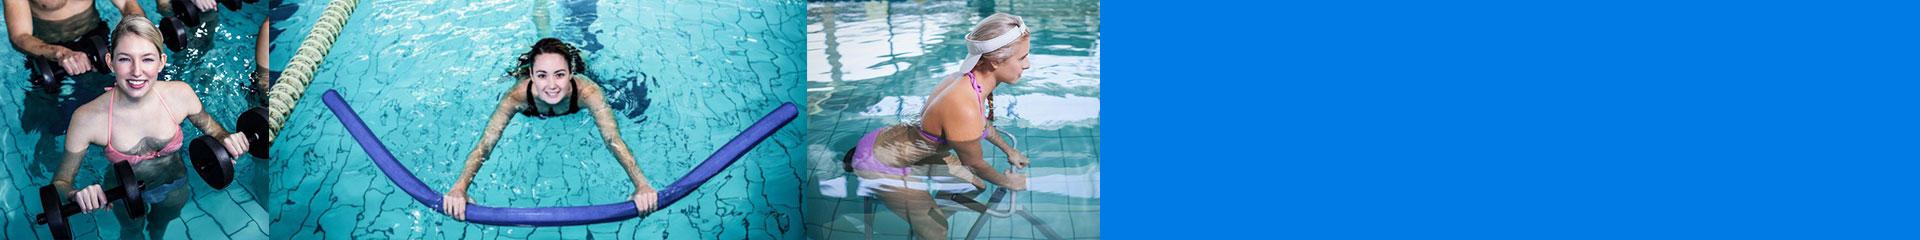 bg-1920×240-fitness-acquatico